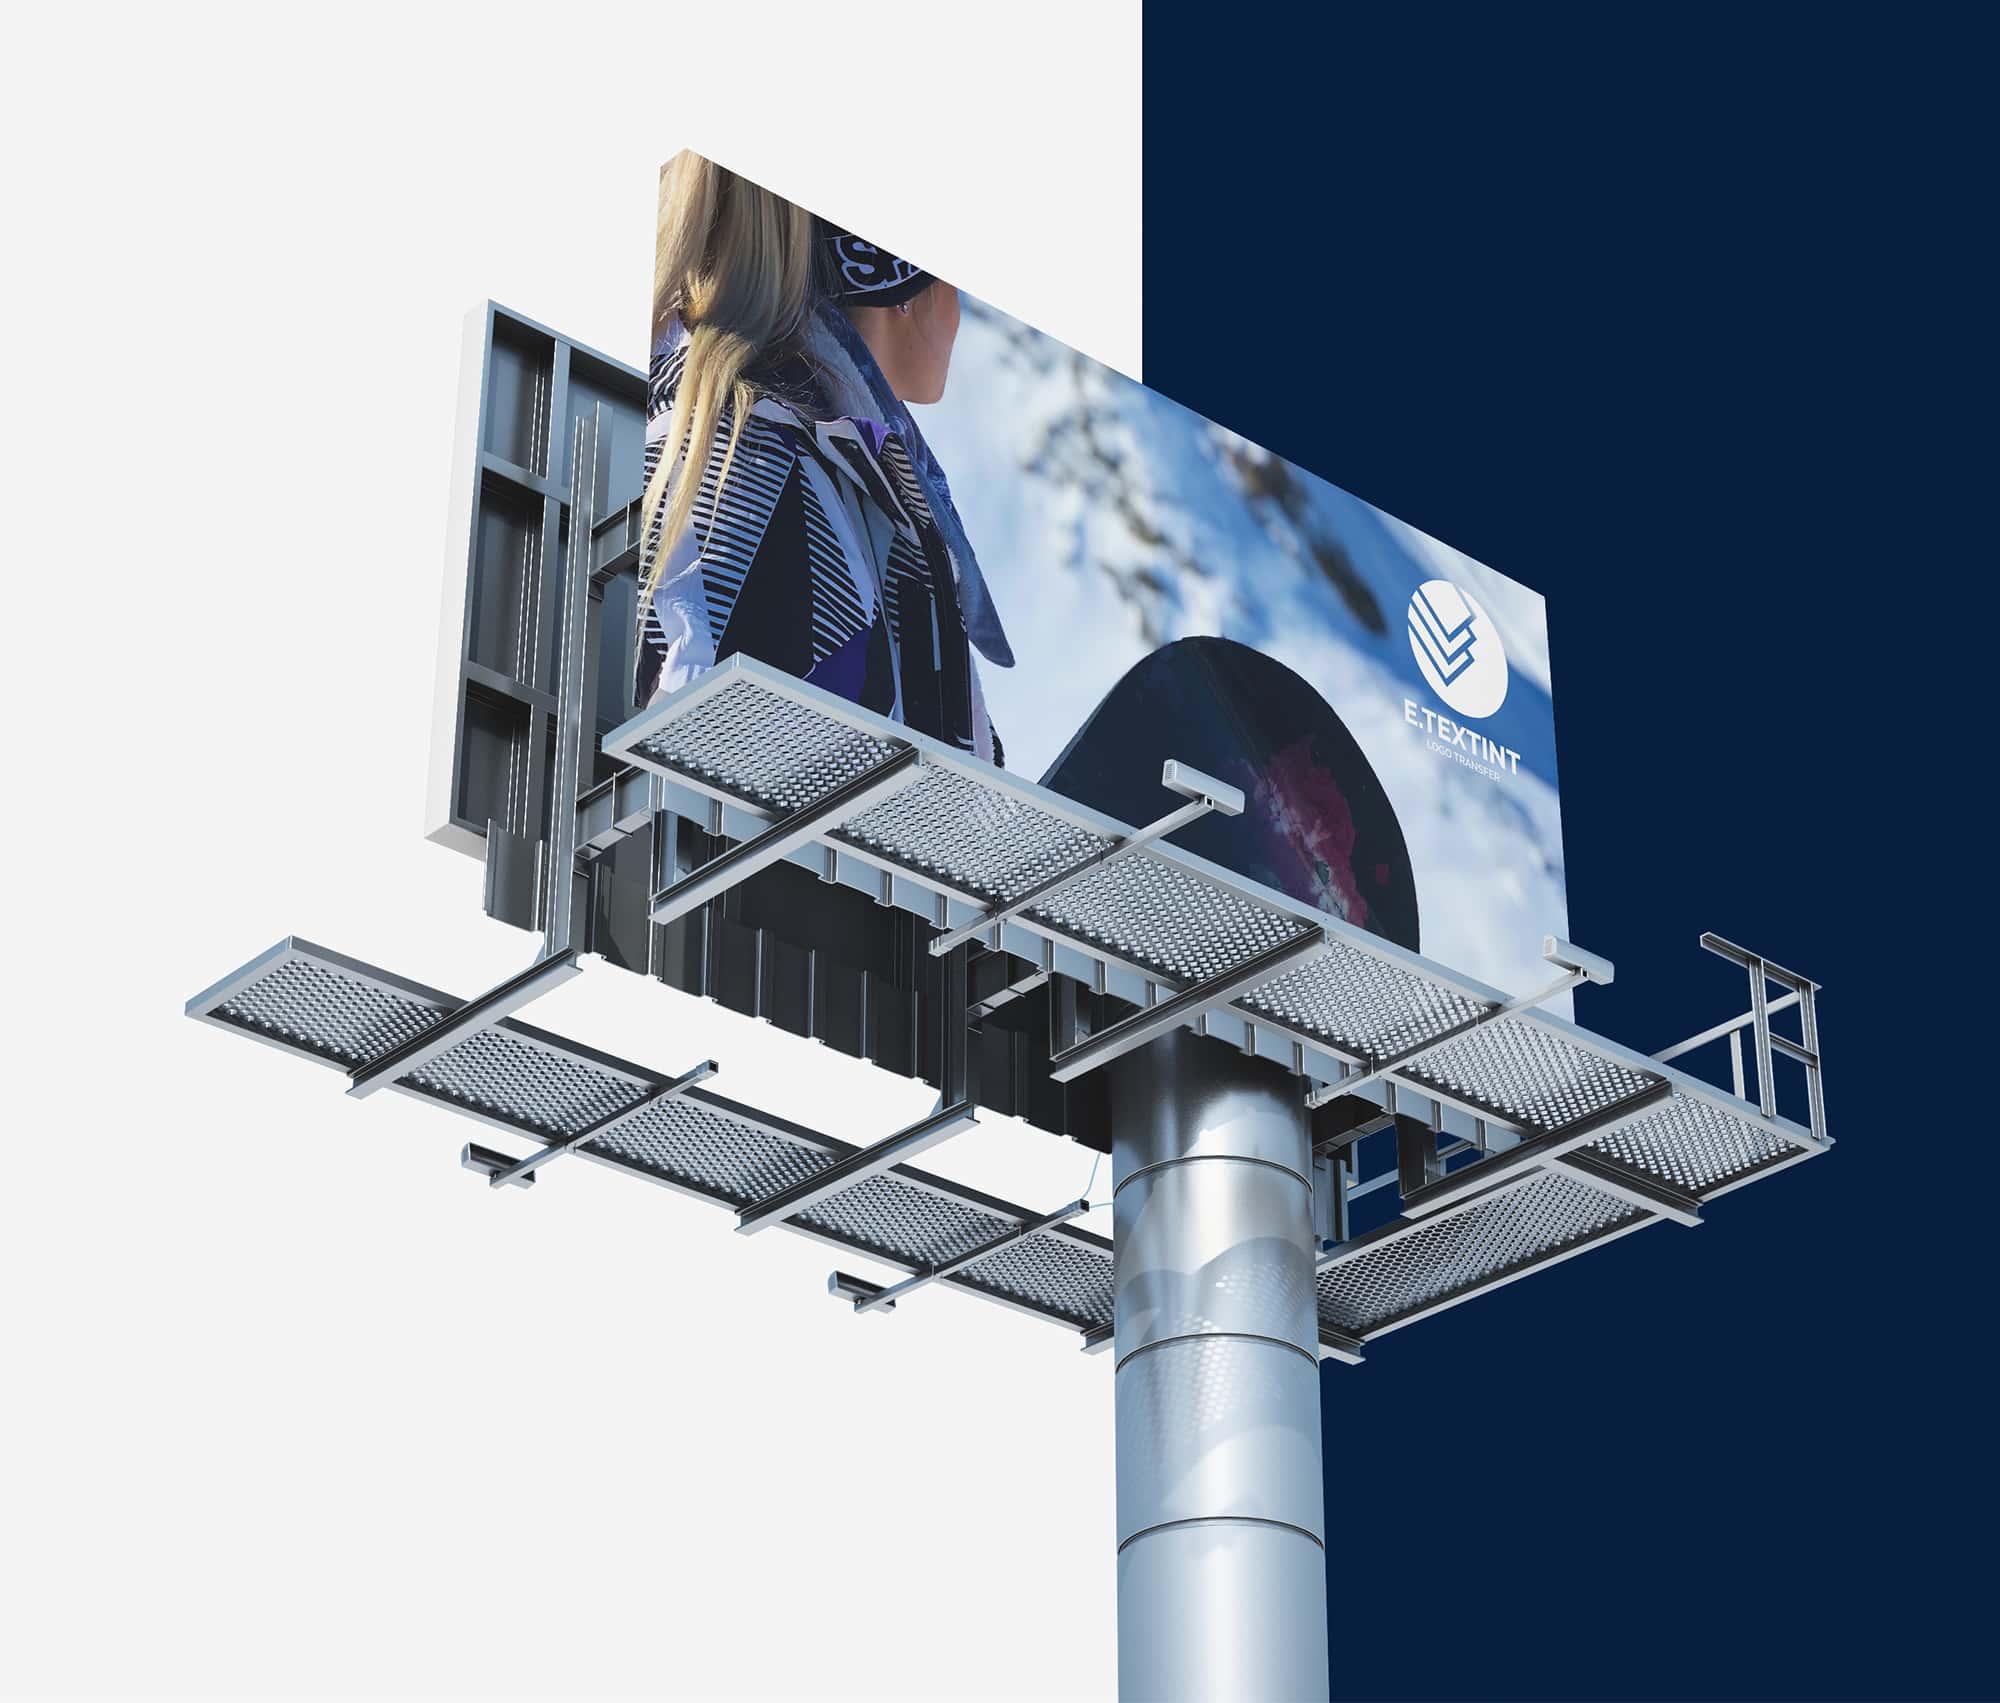 廣告看板設計推薦